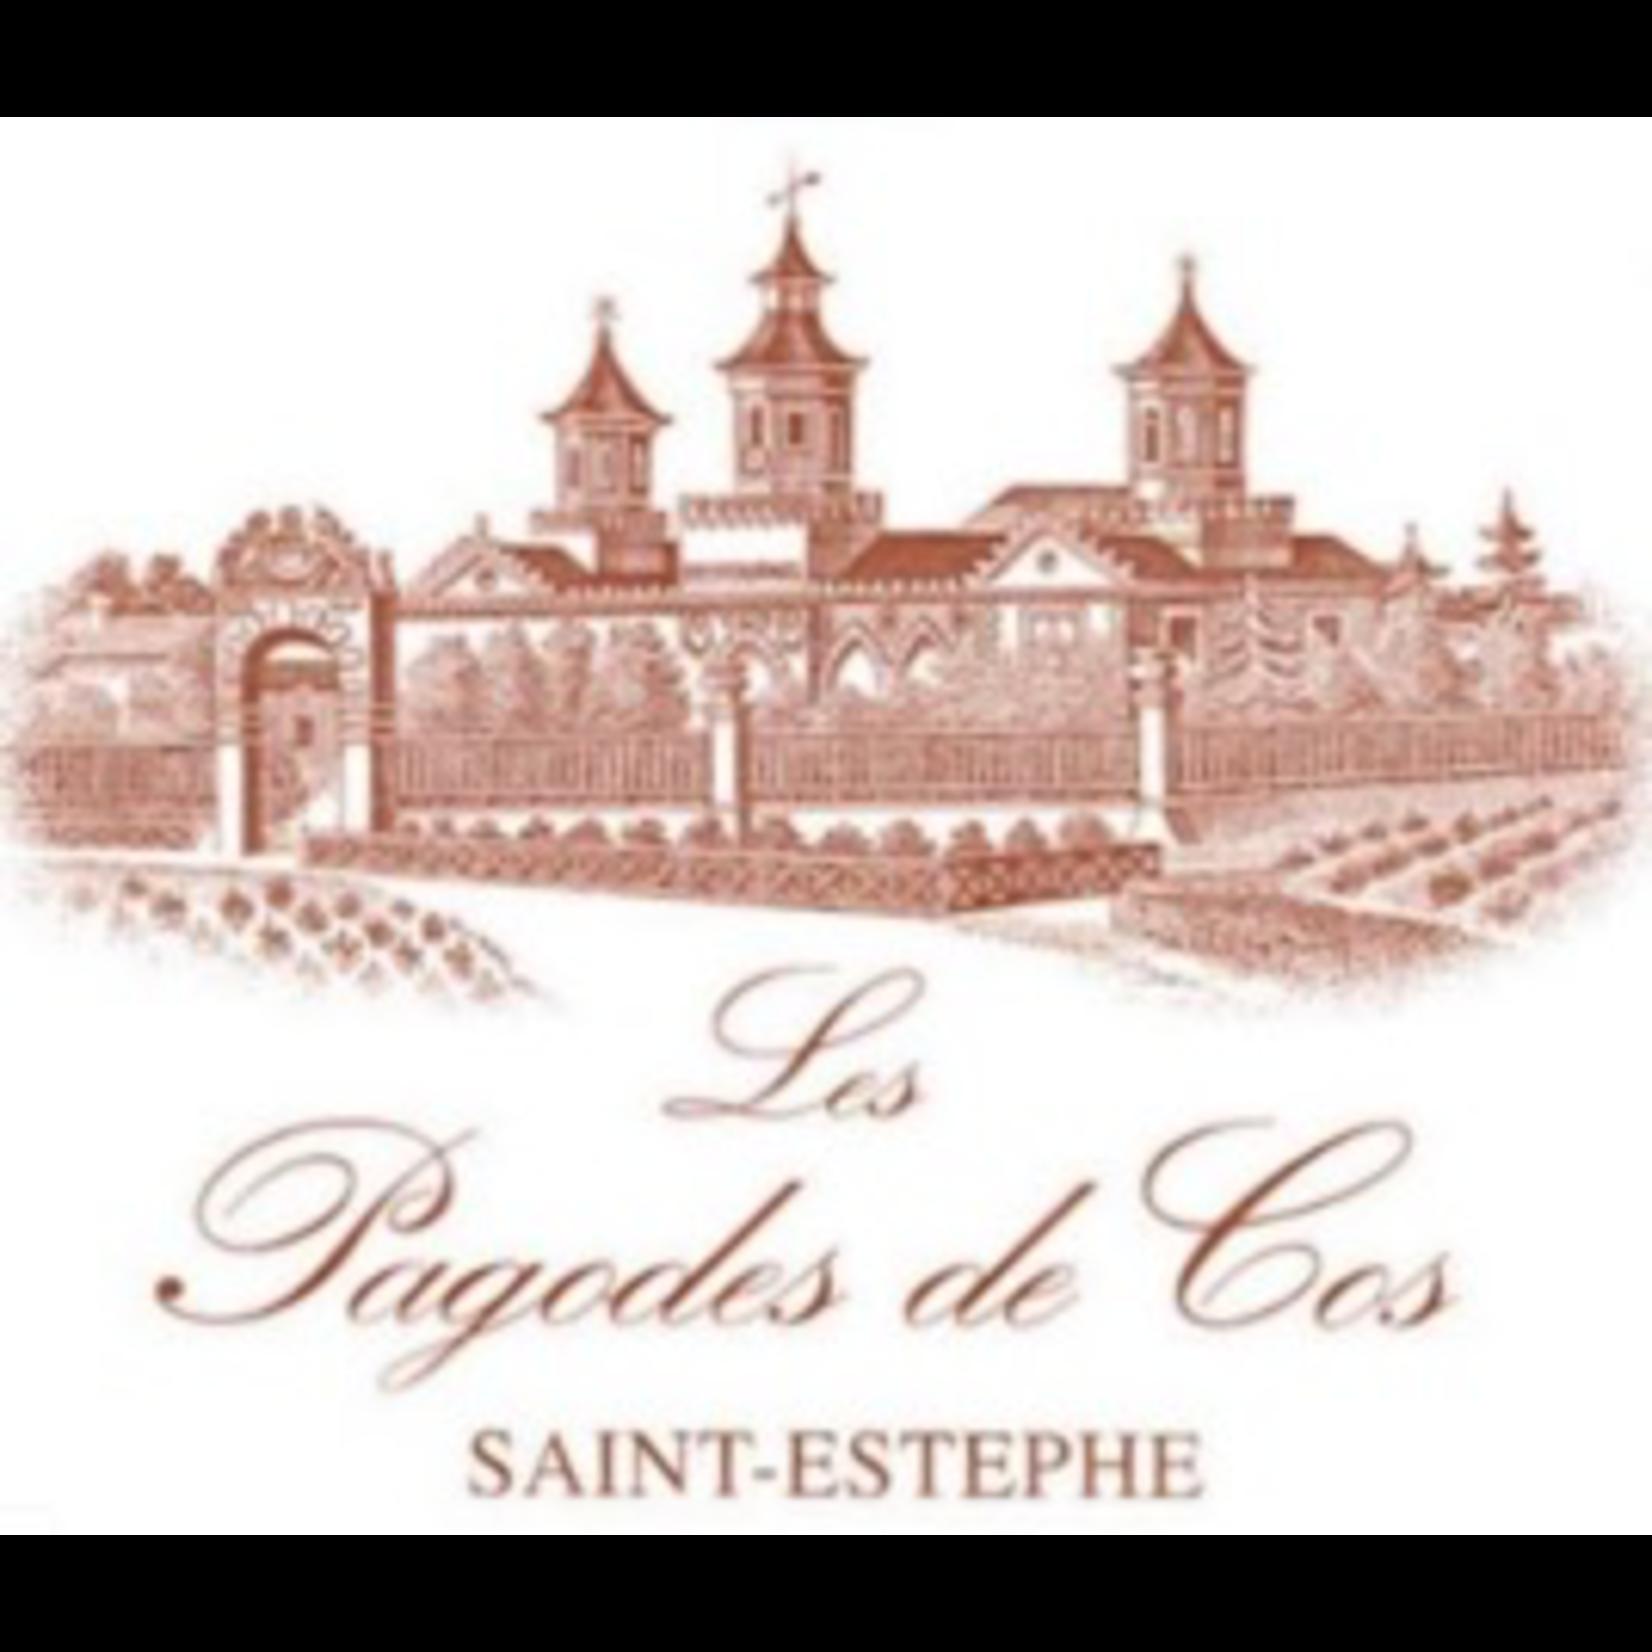 Wine Les Pagodes de Cos 2014 1.5L